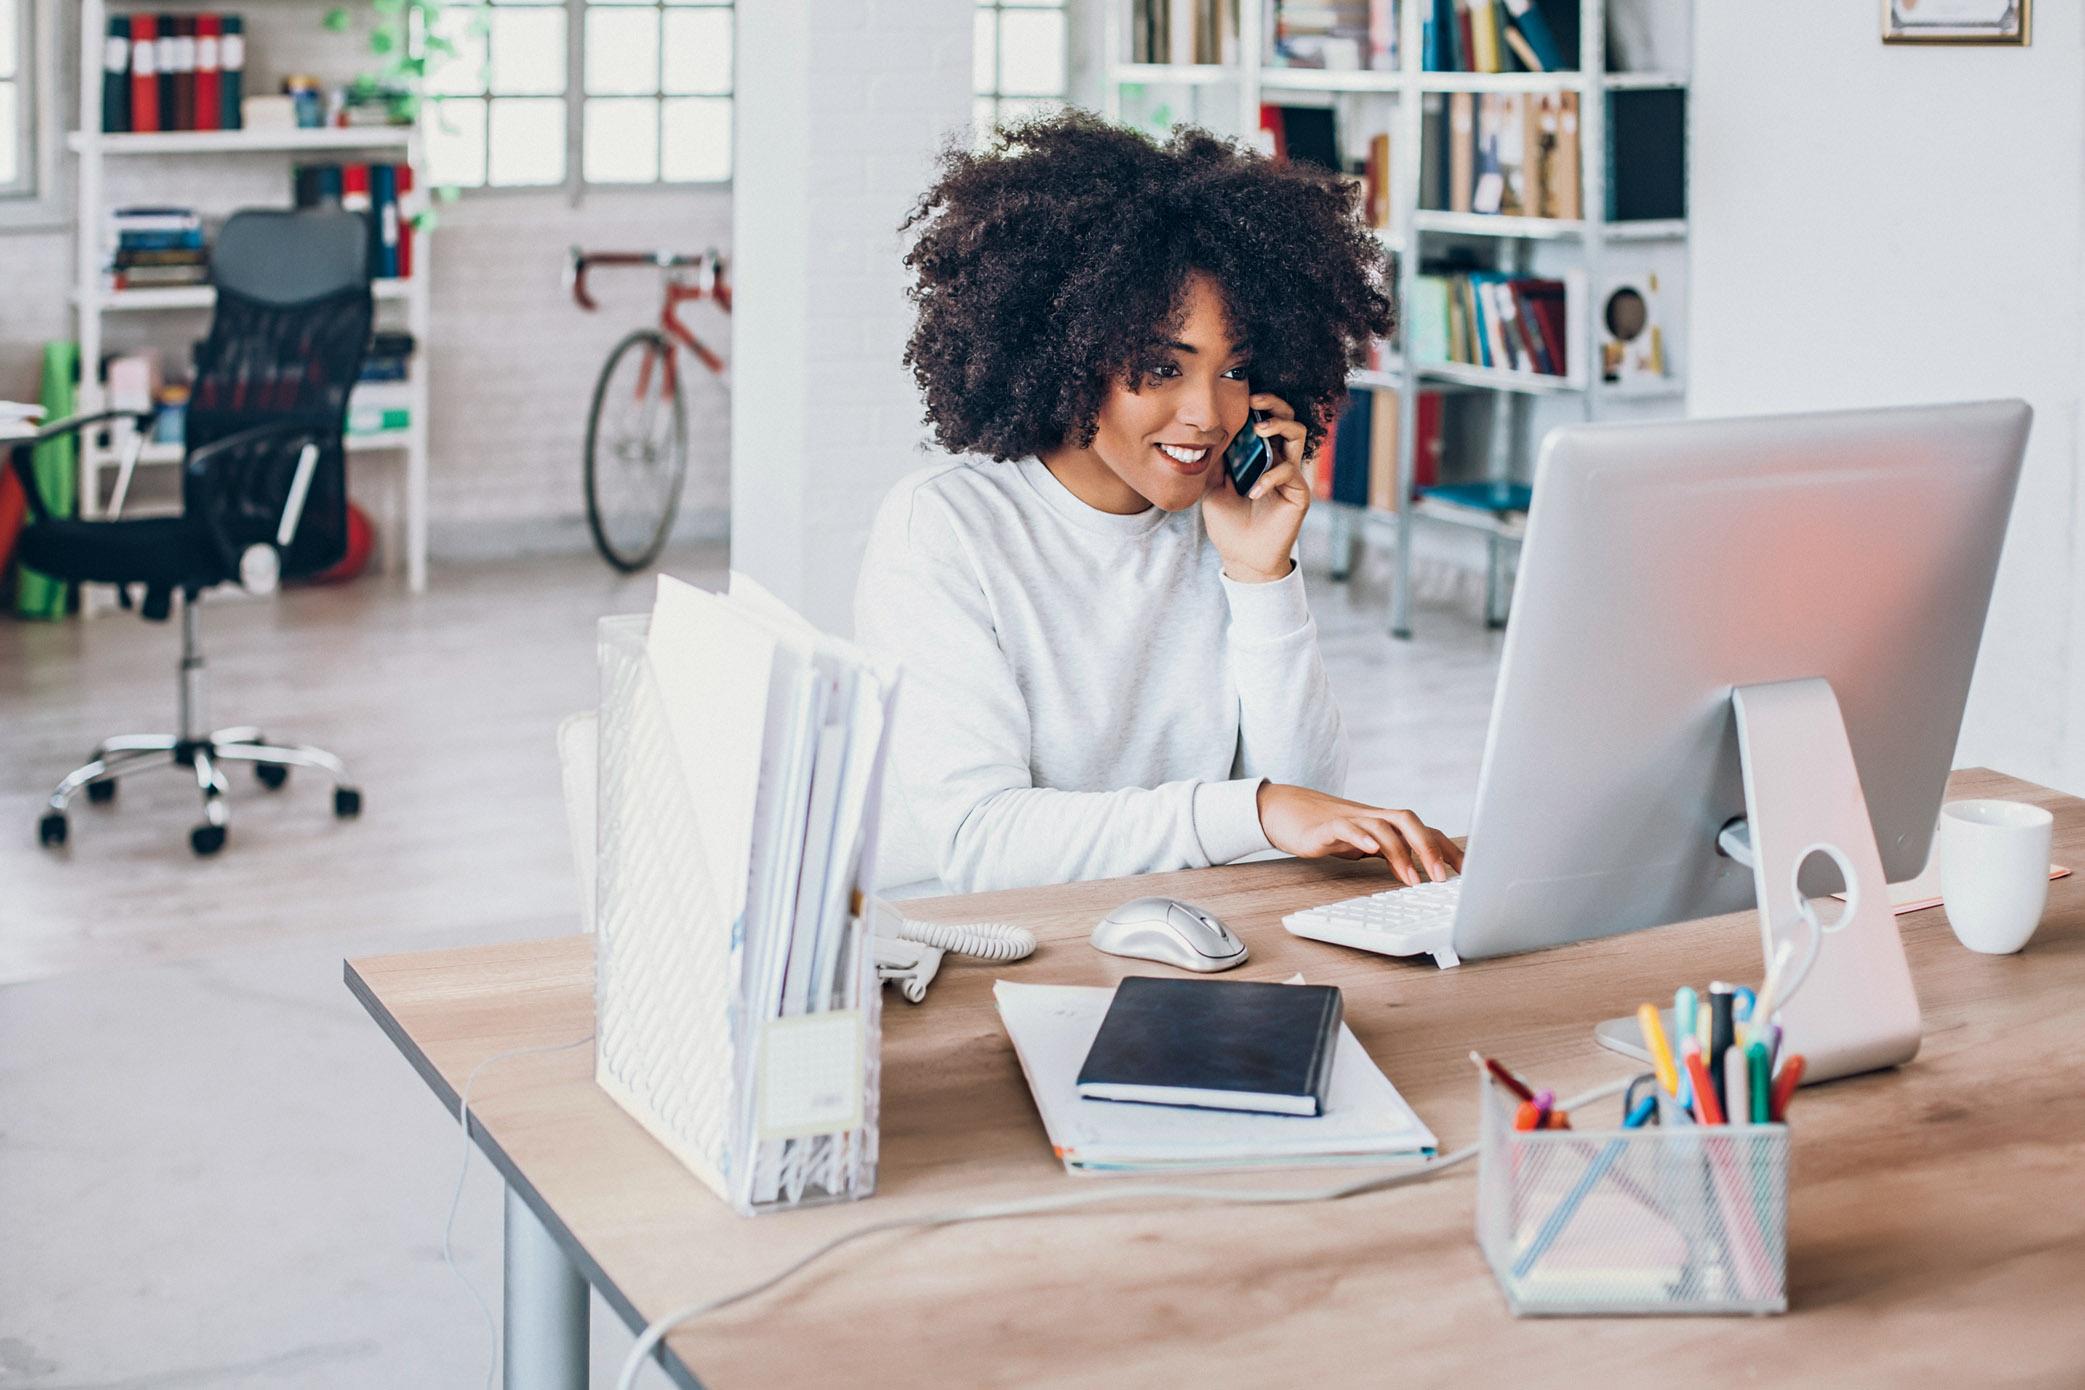 Come la tecnologia migliora l'employee experience in azienda